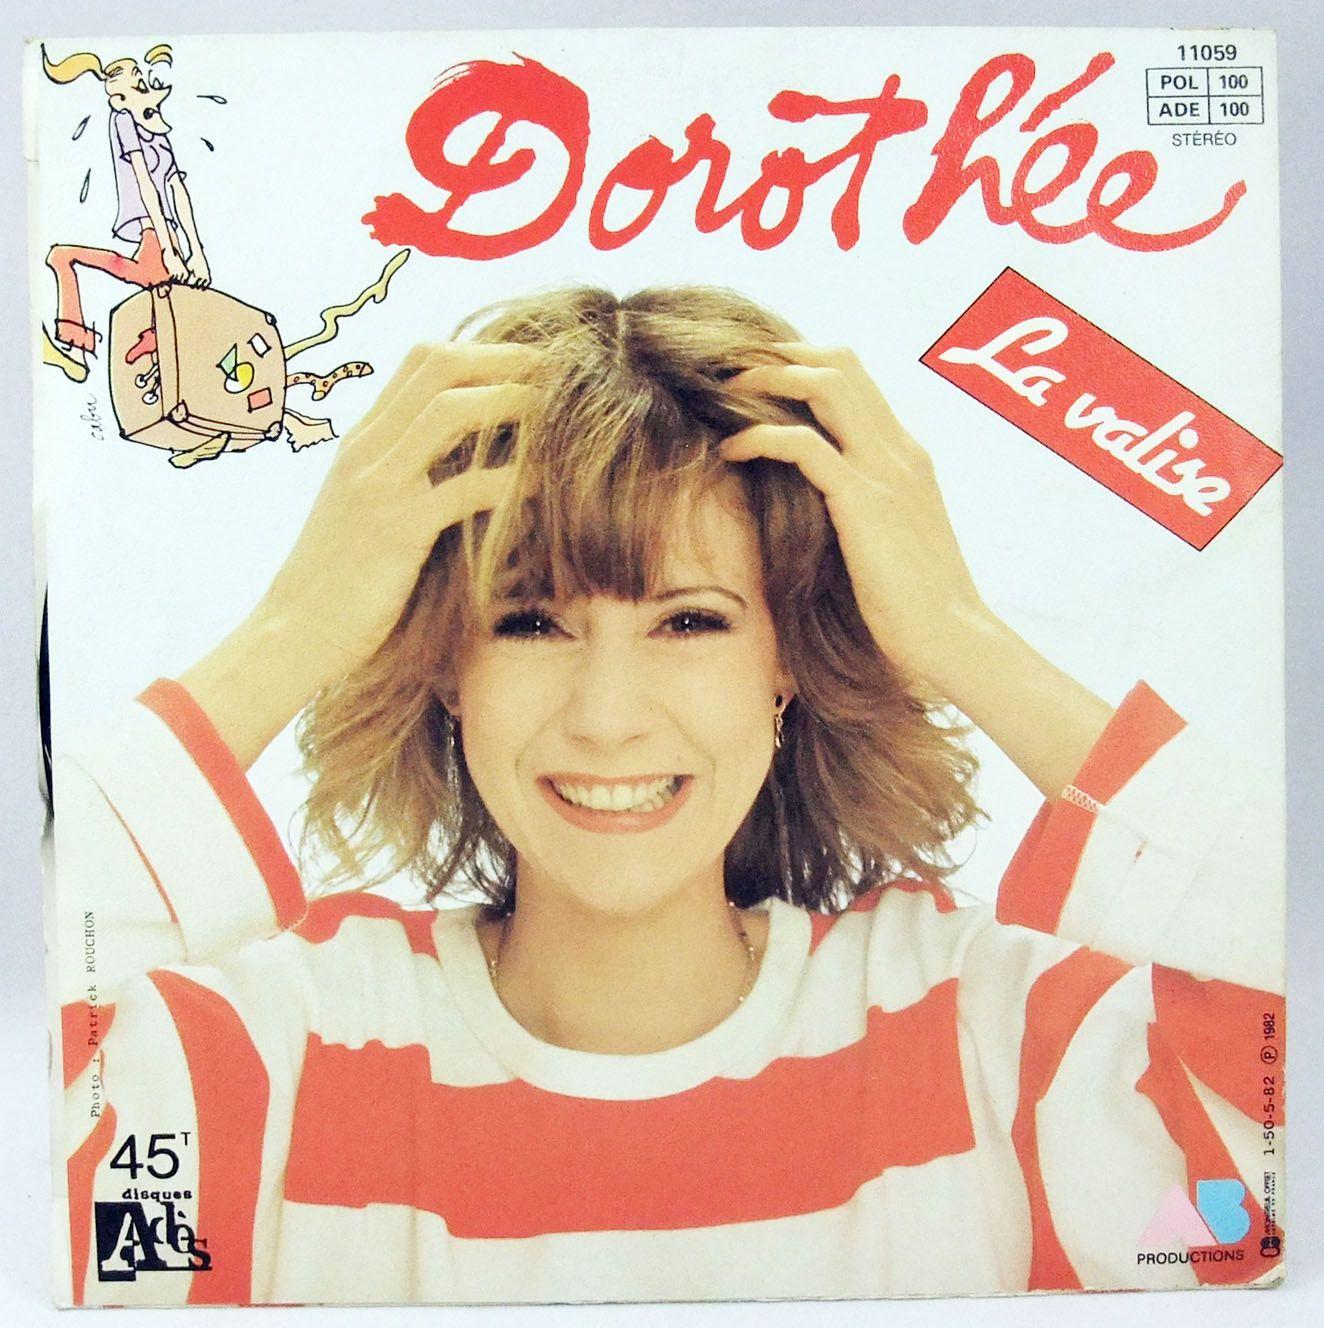 Dorothée - Hou! la menteuse - Disque 45Tours - Ades AB Productions 1982